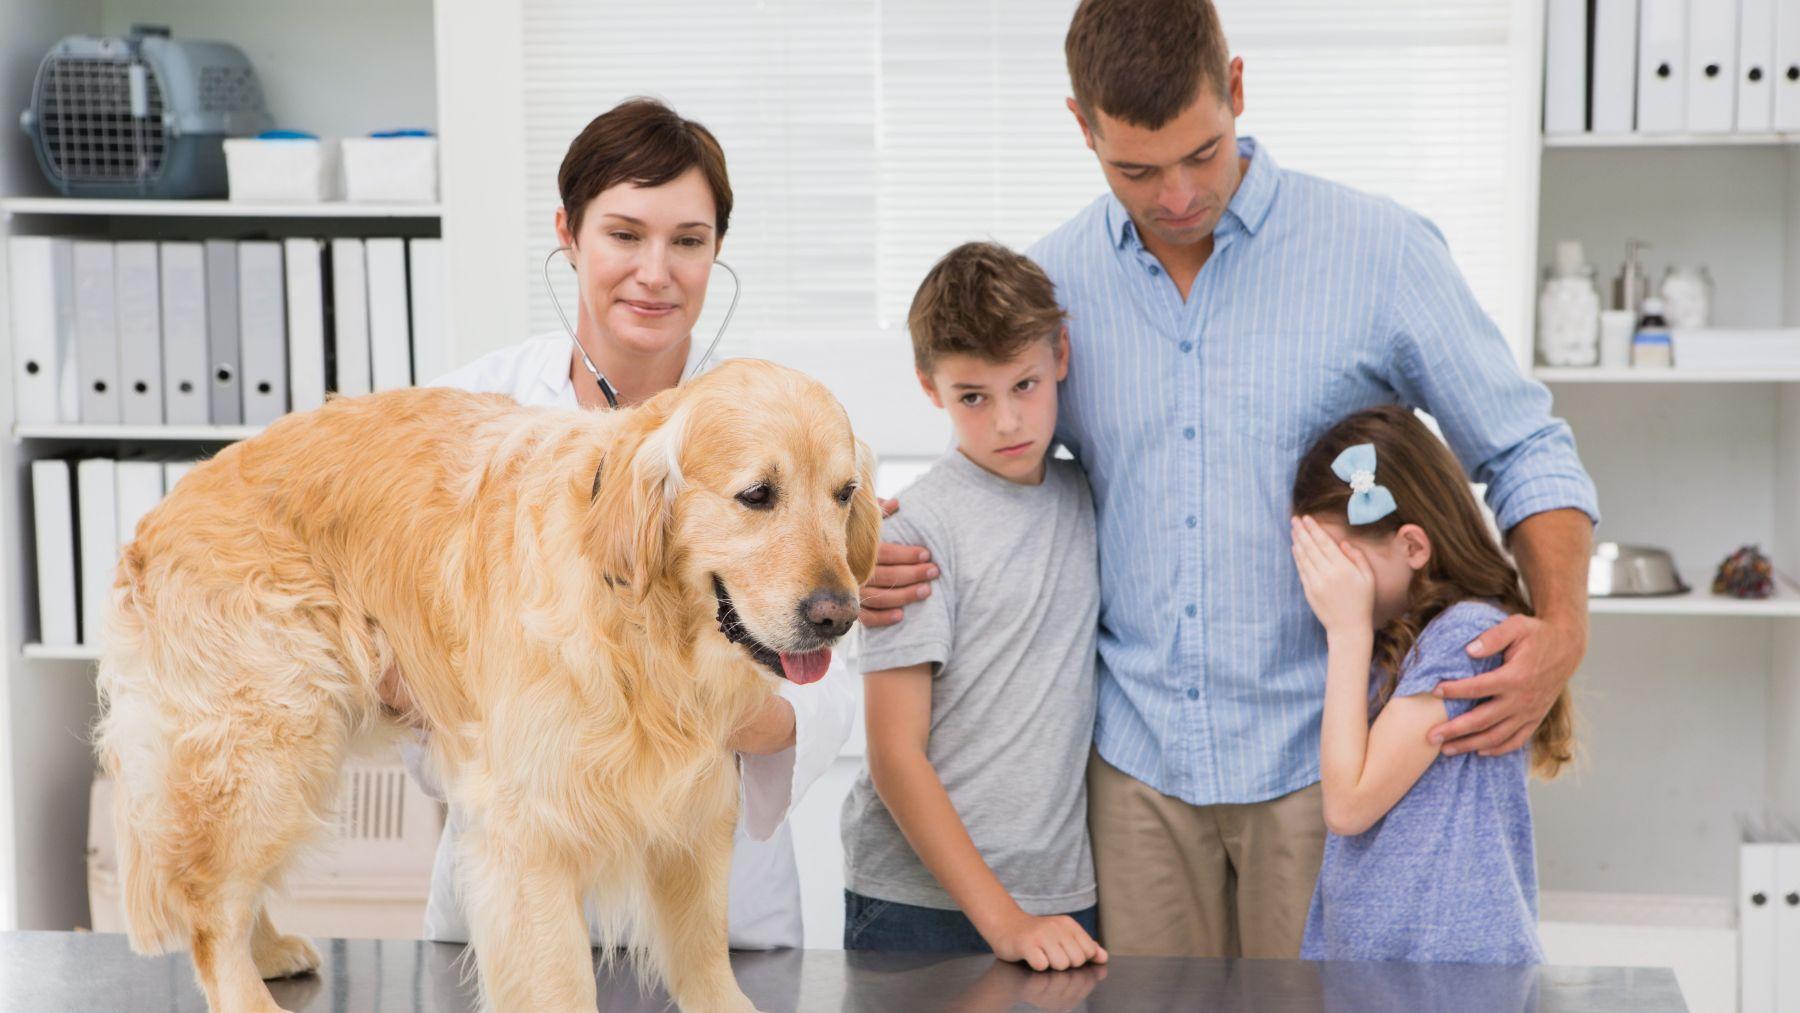 Descubre cómo le podemos explicar a .los niños que su mascota ya no está